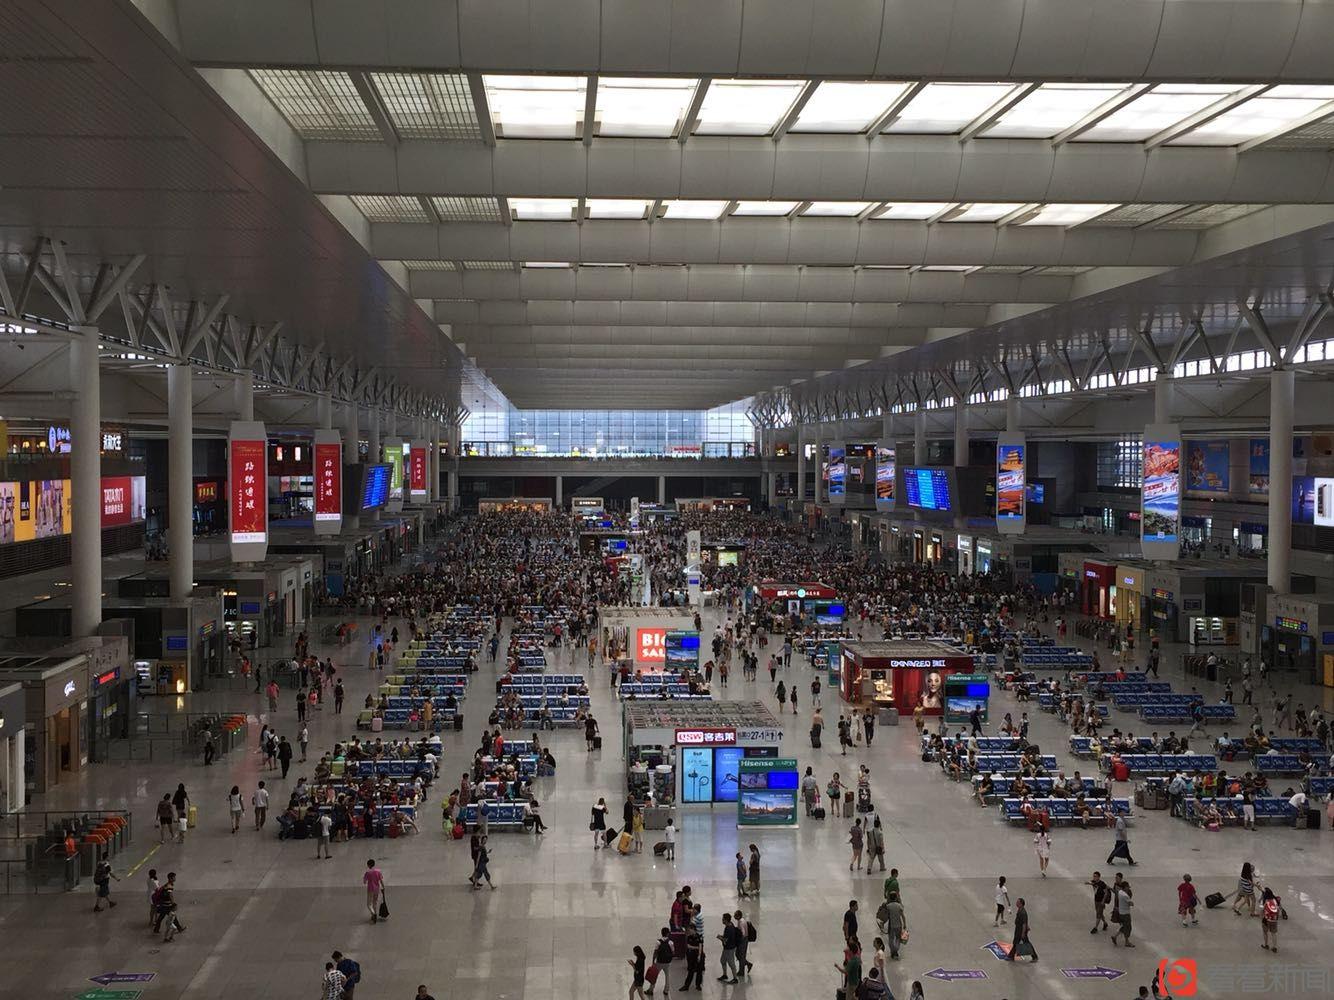 上海铁路国庆当天将迎史上最大客流 站方提醒旅客留足提前量